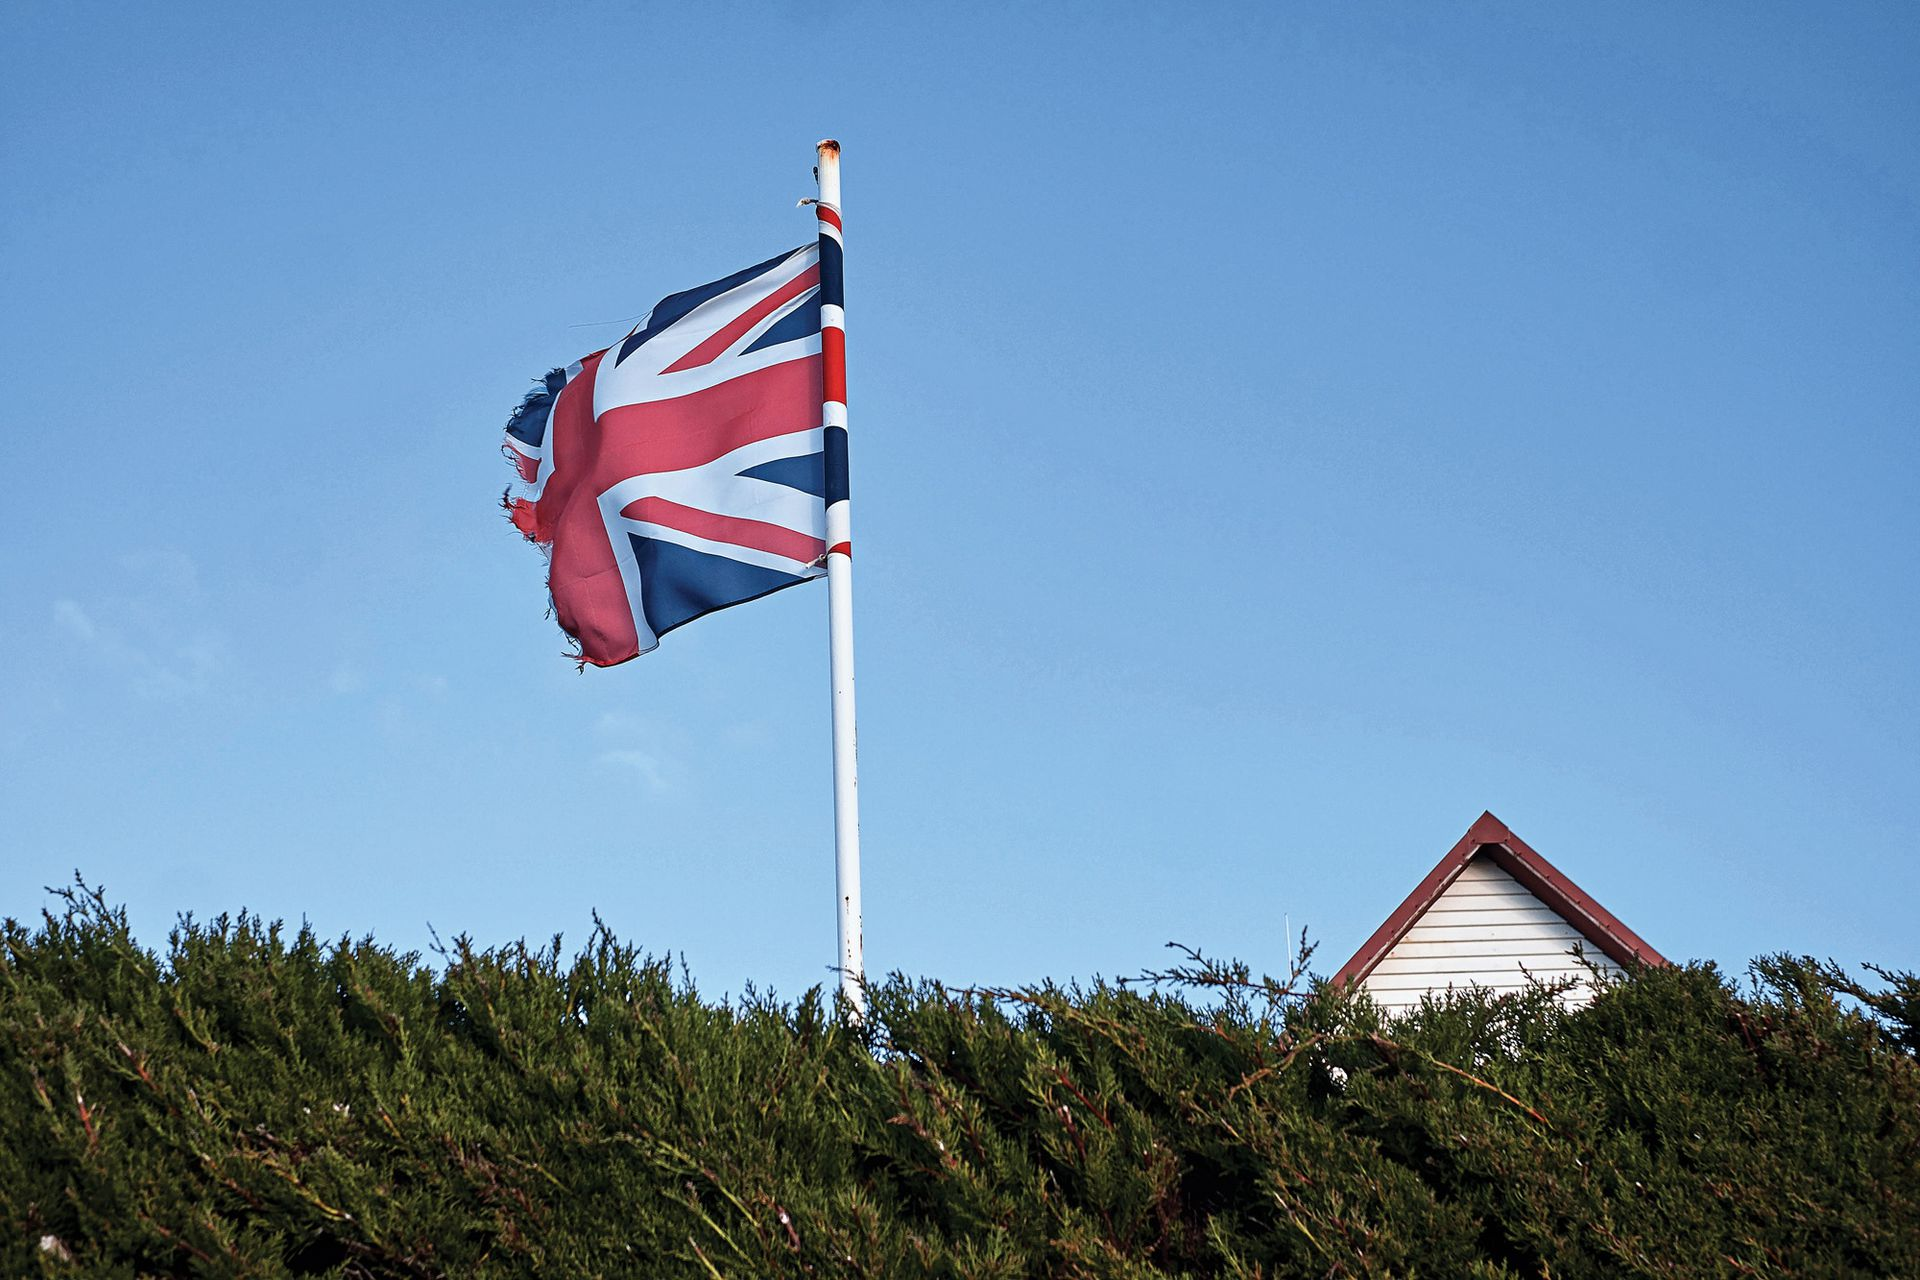 En una casa particular flamea la bandera del Reino Unido